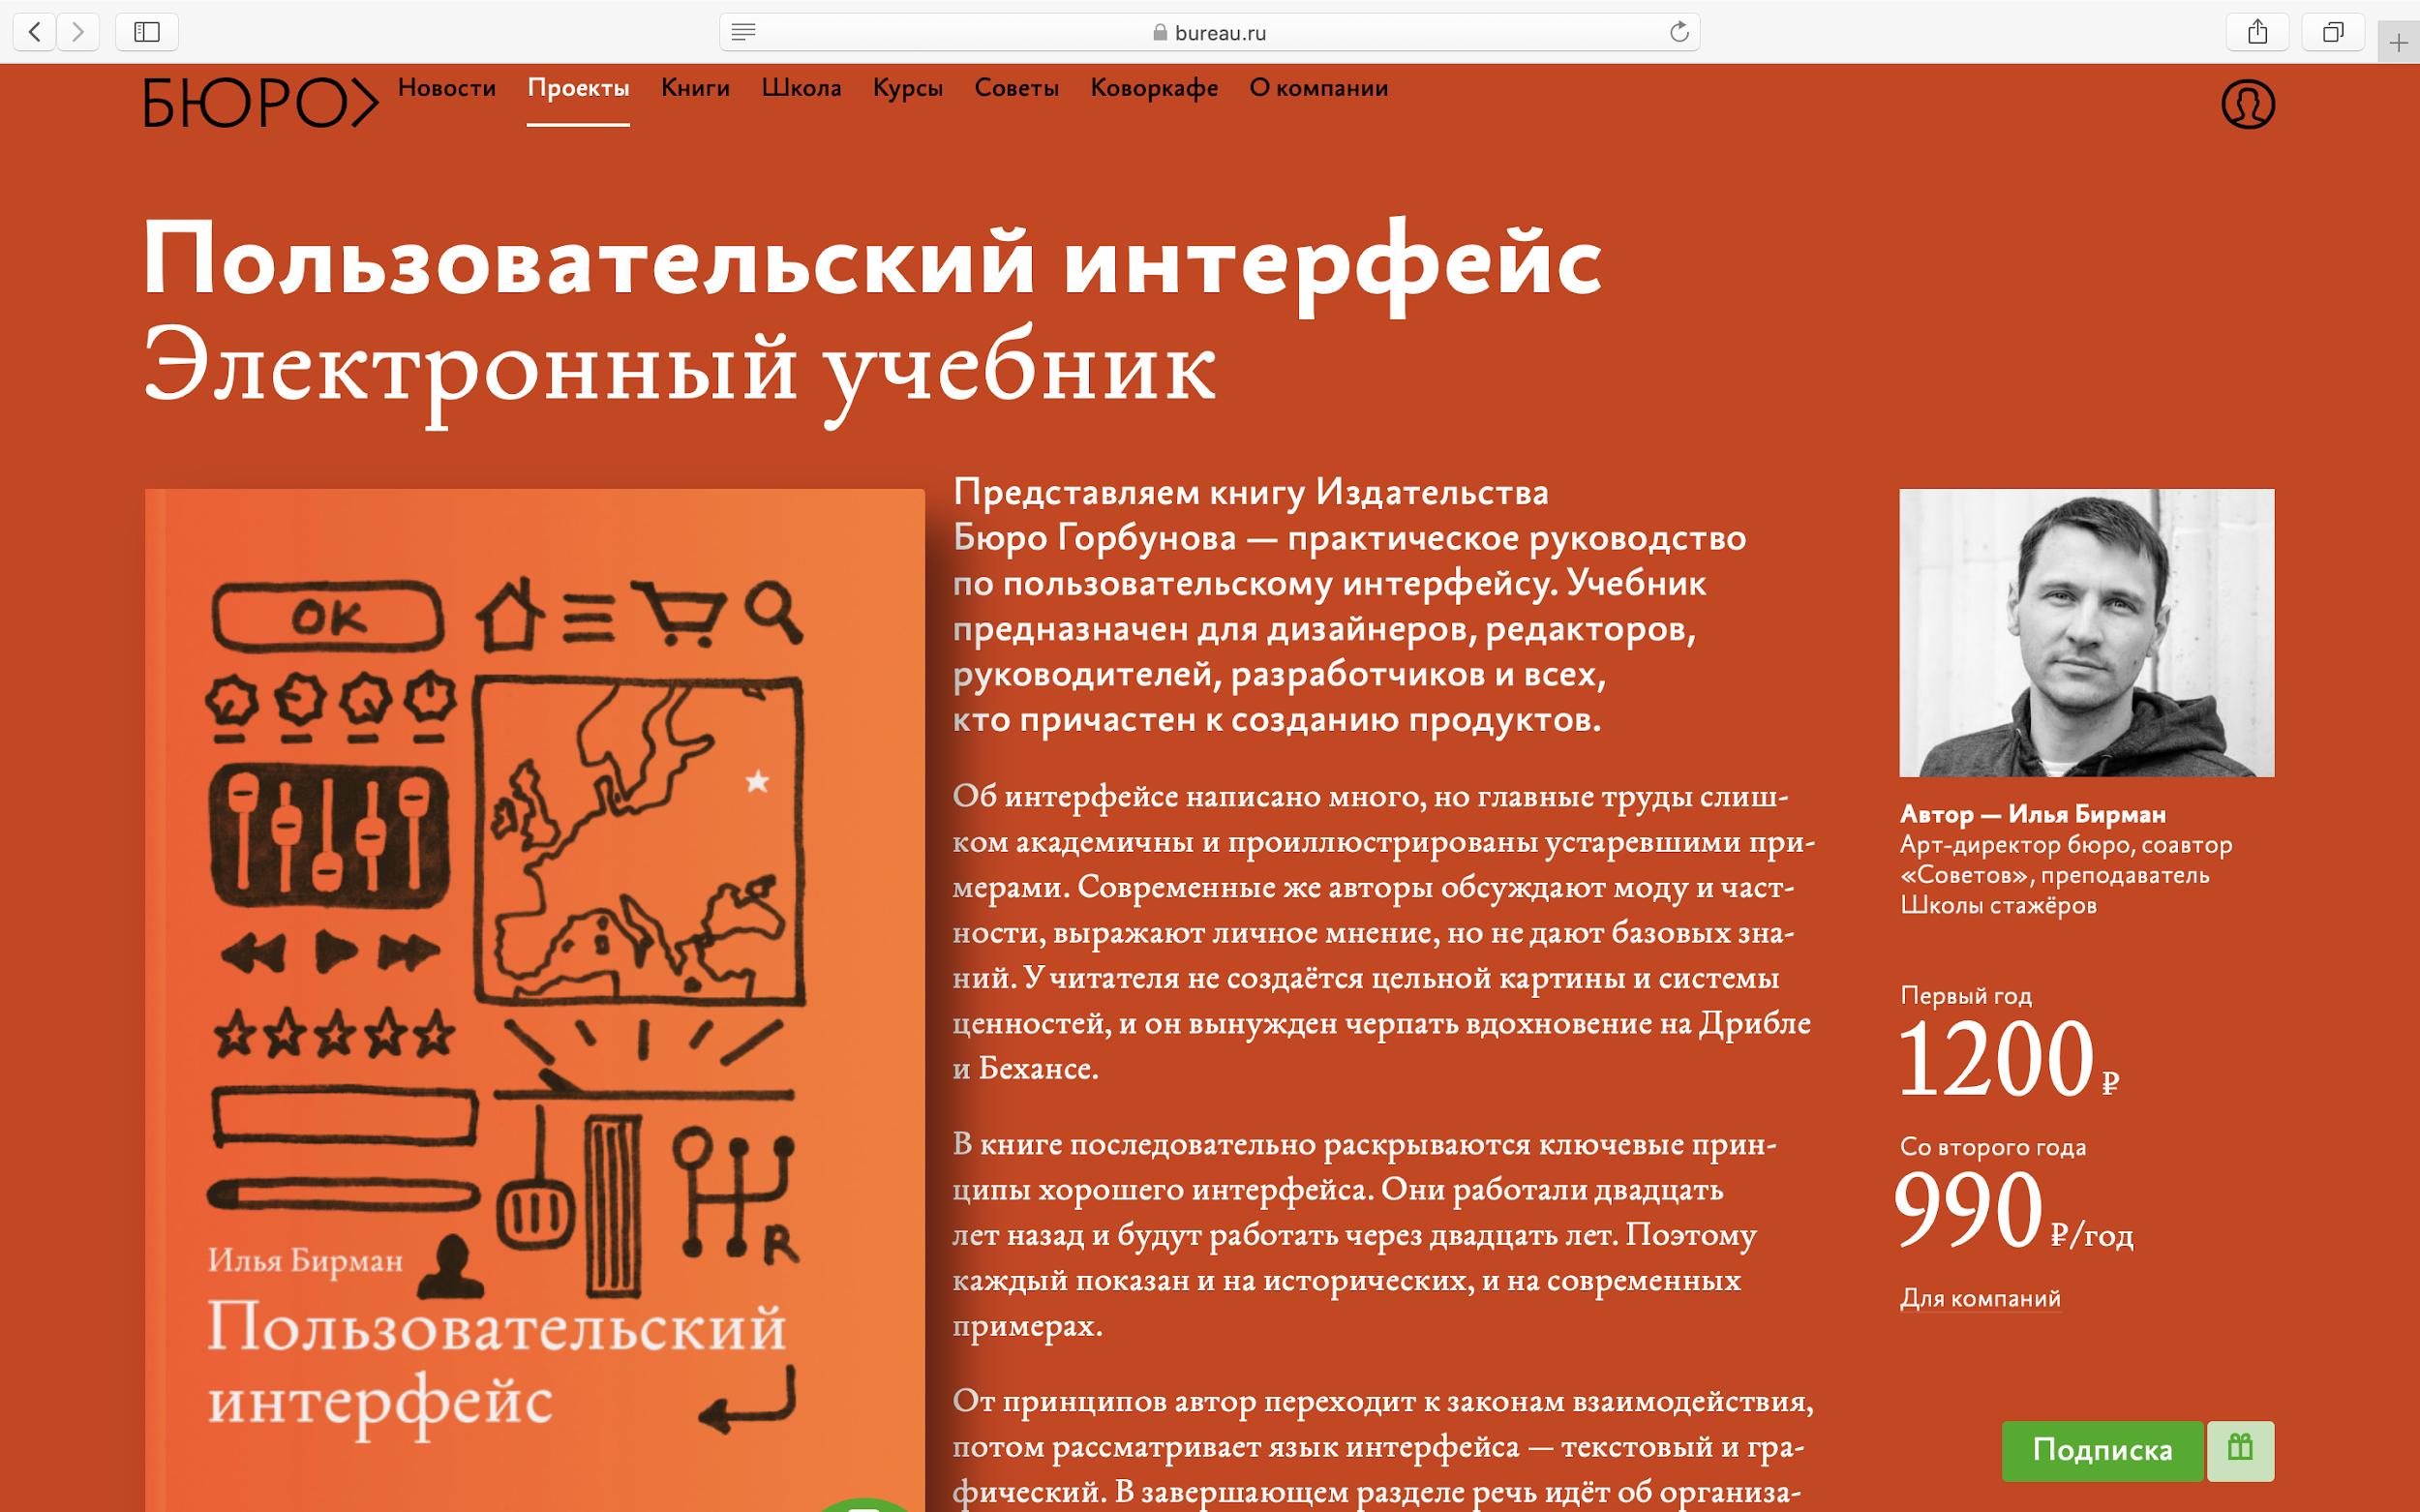 Книга-курс Издательства Бюро Горбунова — практическое руководство по пользовательскому интерфейсу для дизайнеров, редакторов, руководителей, разработчиков и всех, кто причастен к созданию продуктов